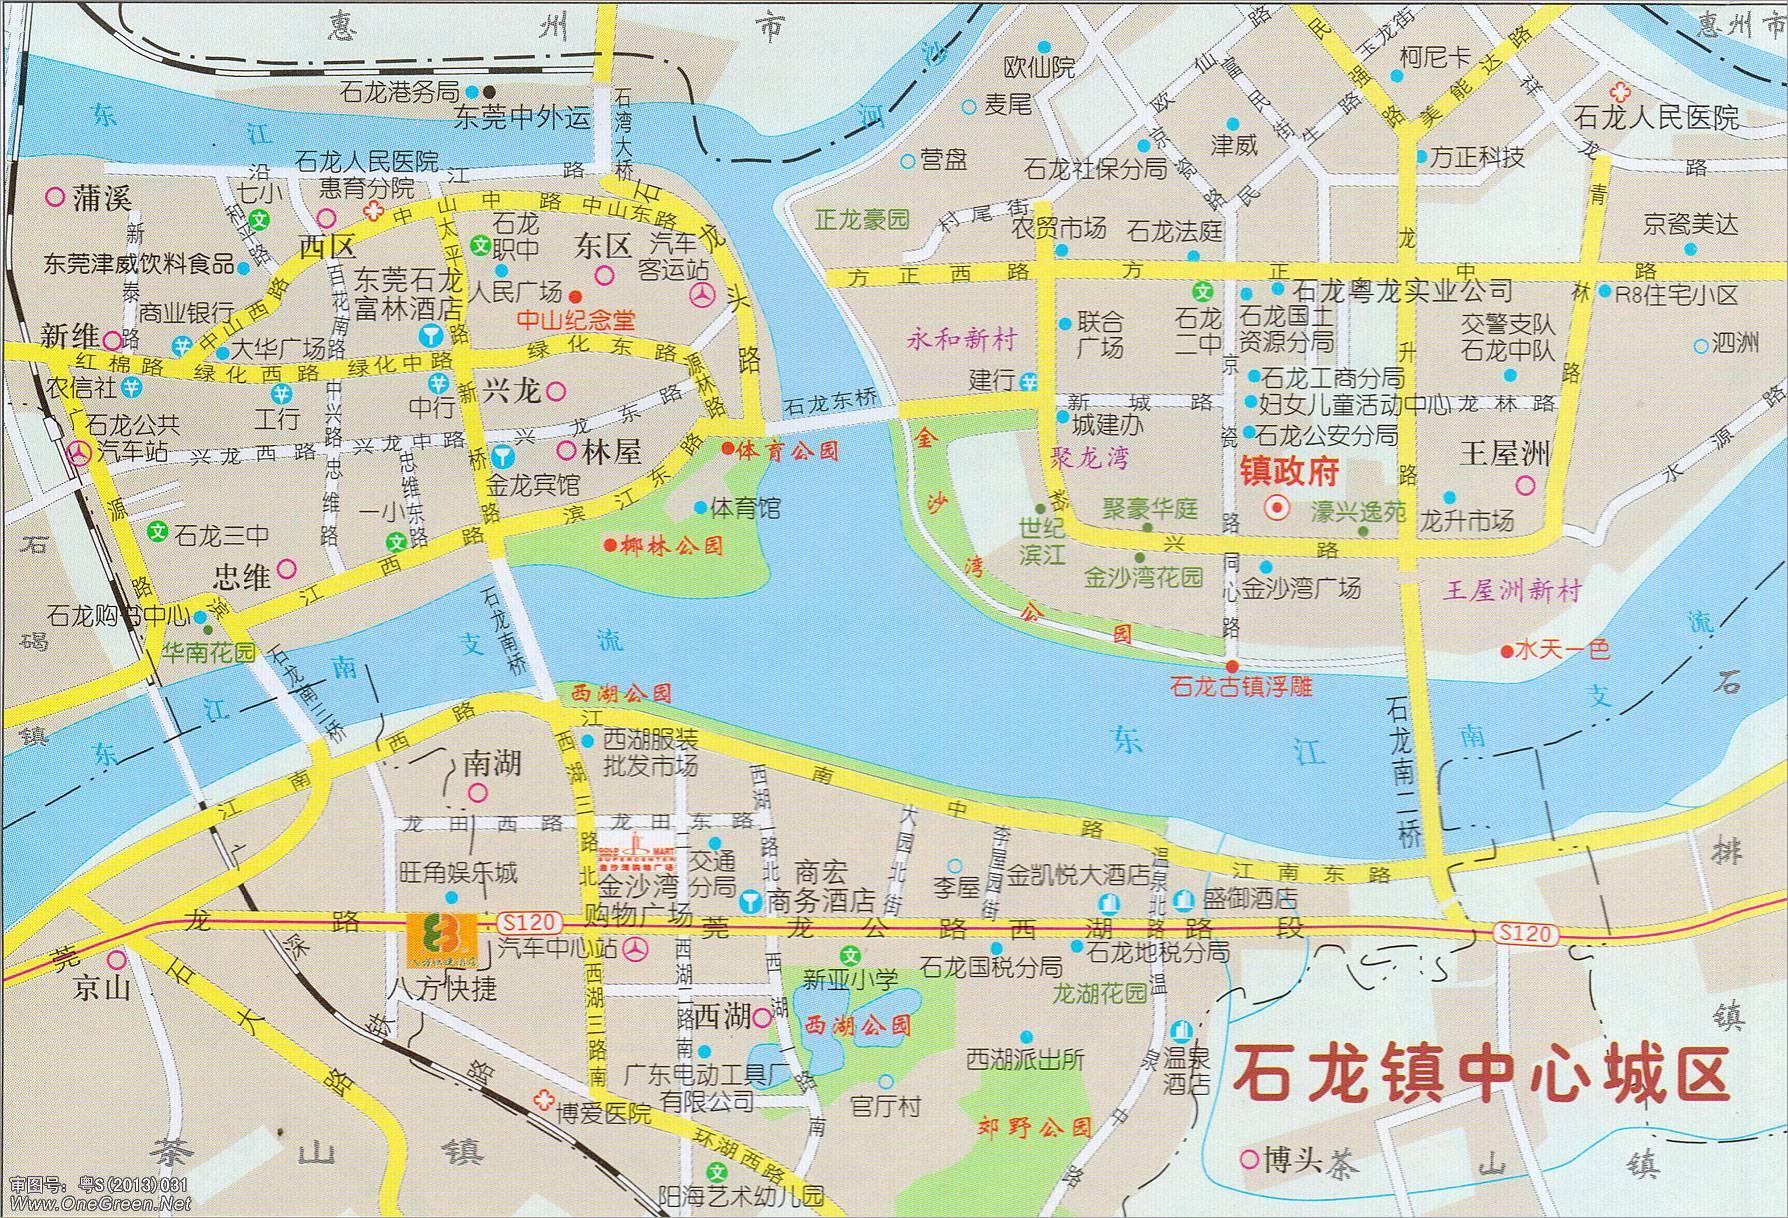 东莞市石龙镇中心地图图片